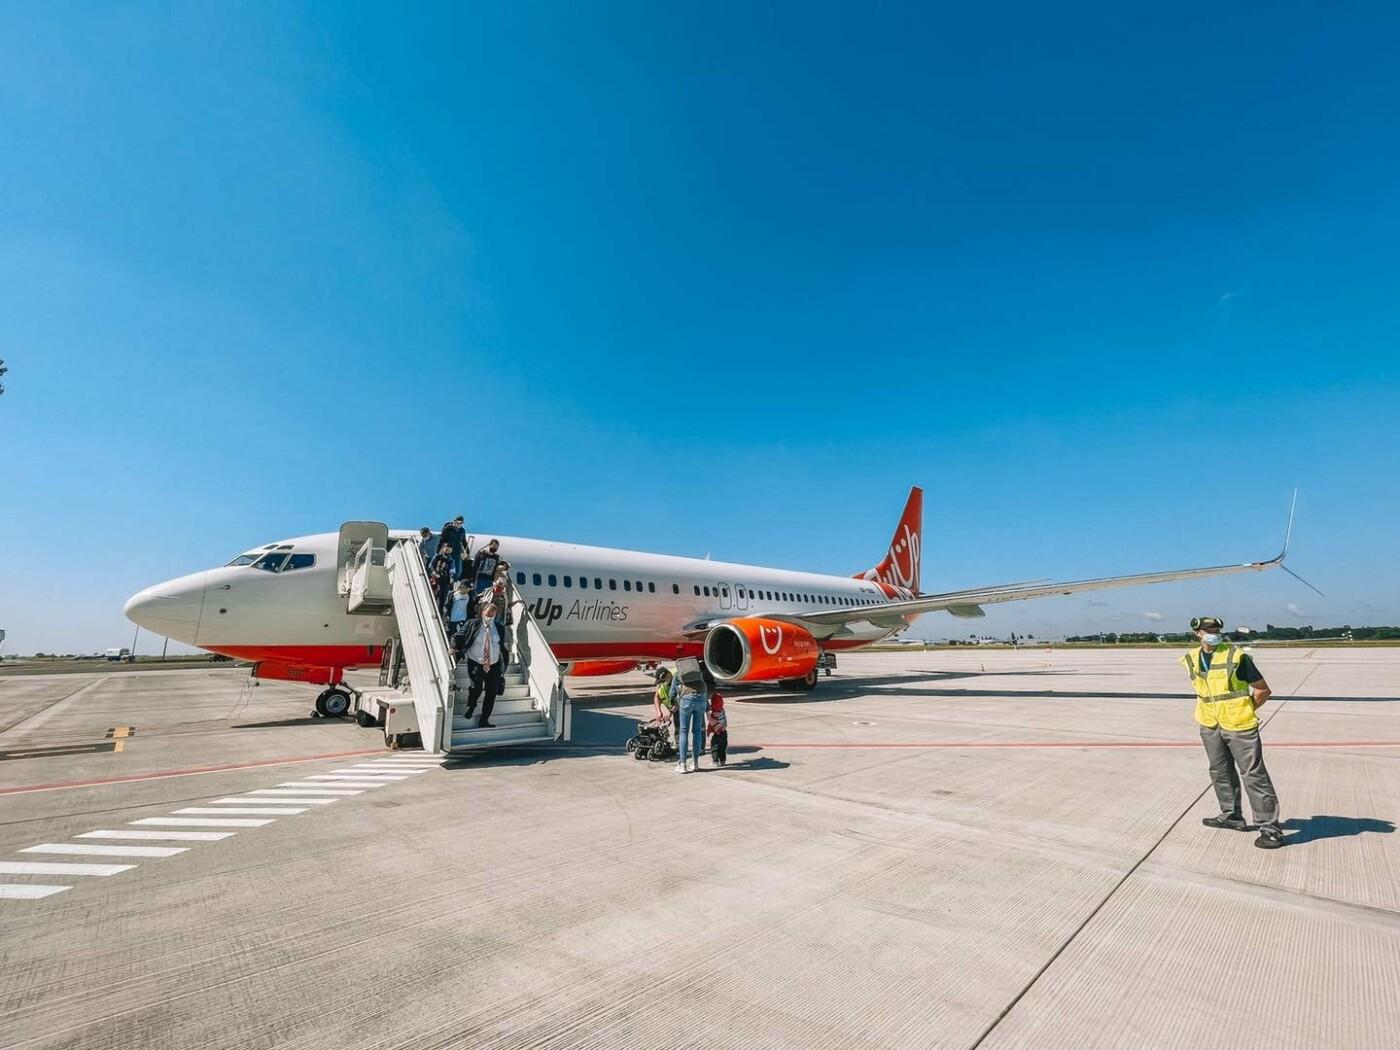 Одесский аэропорт принял первый рейс на новом перроне, - ФОТО, фото-4